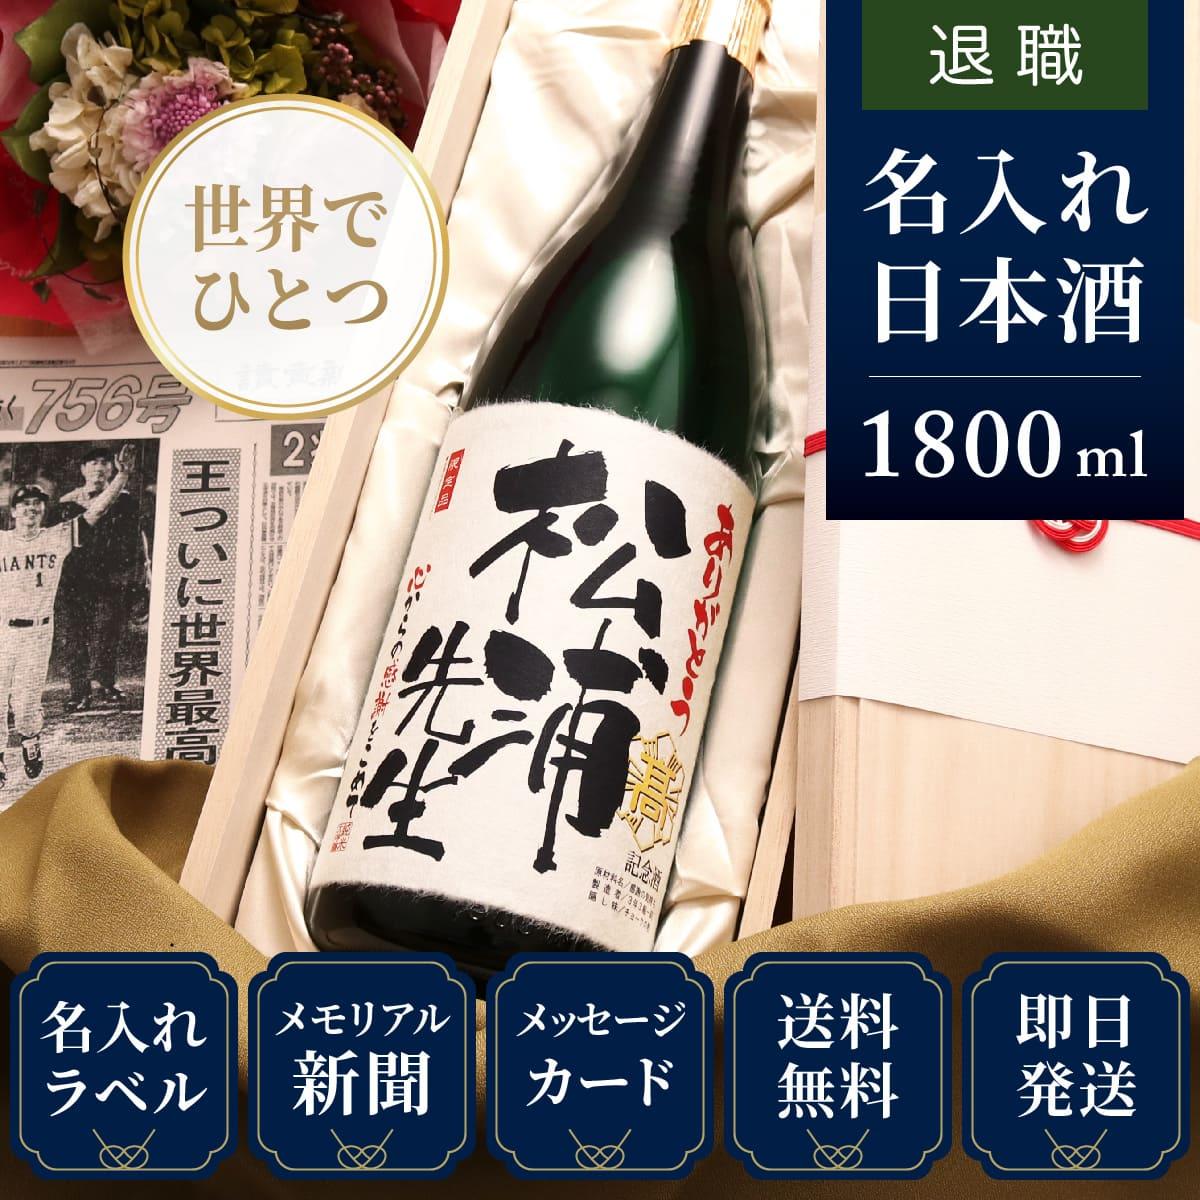 【退職のお祝いに】記念日新聞付き名入れ日本酒1800ml≪緑樹≫【純米大吟醸】